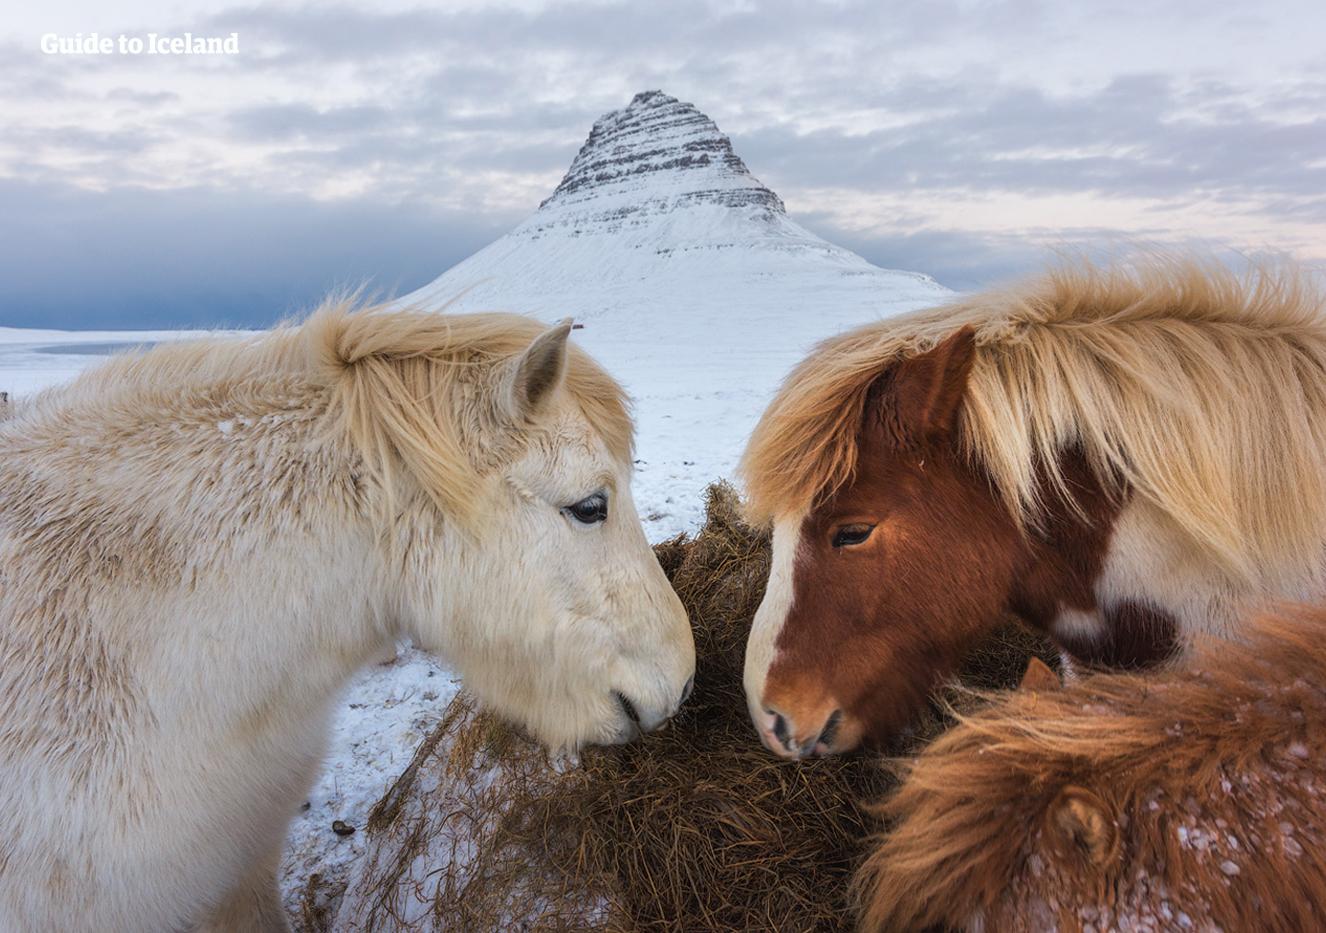 ม้าไอซ์แลนด์และภูเขาเคิร์คจูแฟสบนคาบสมุทรสไนล์แฟลซเนส